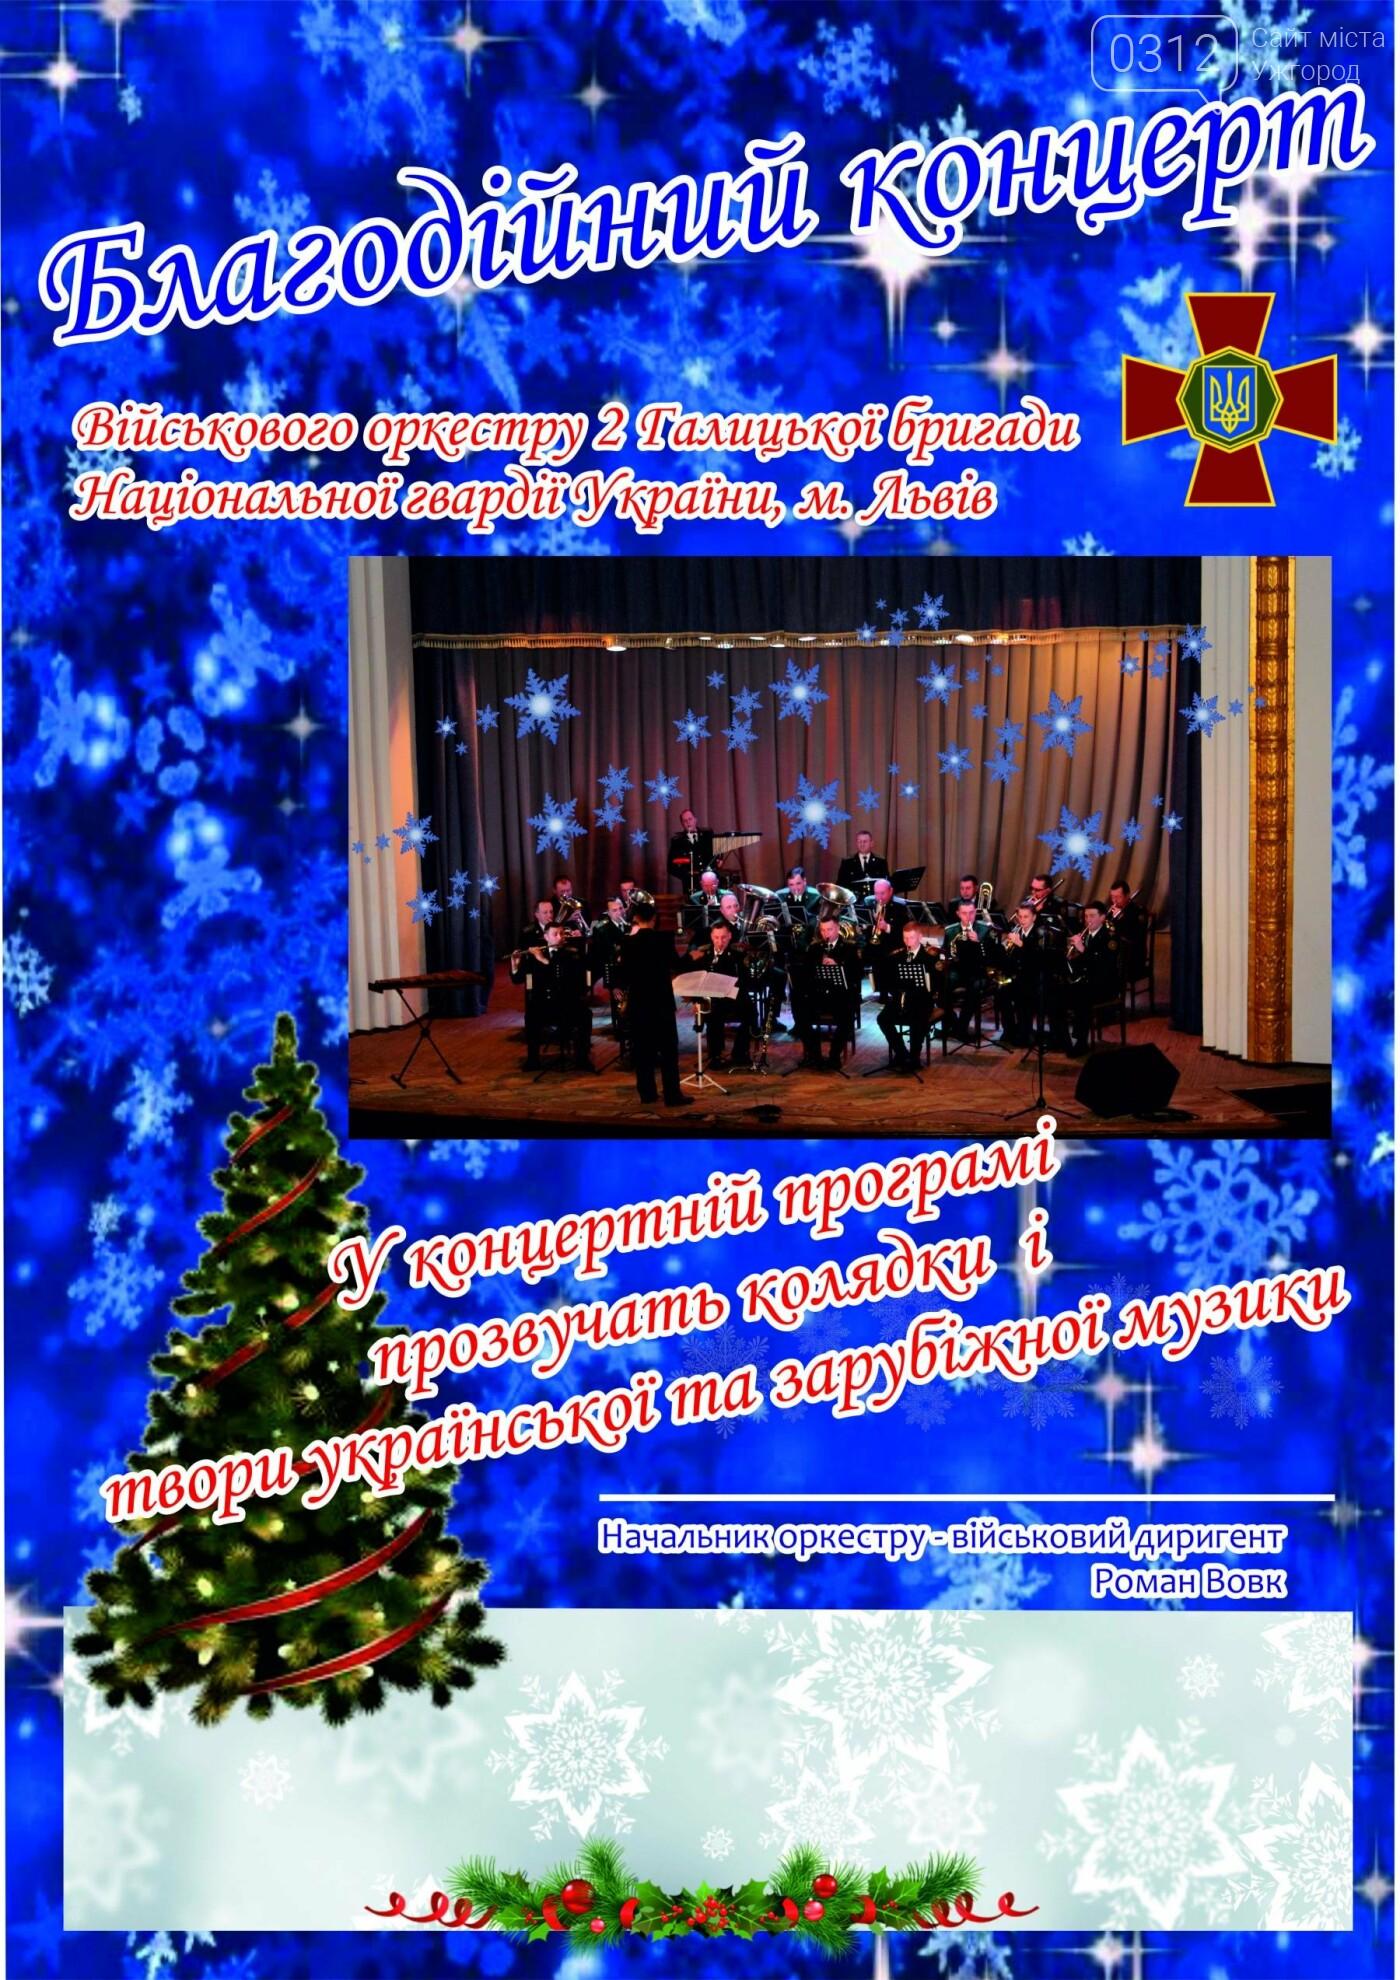 Найкращий в Україні: в Ужгороді дасть різдвяний концерт оркестр Національної гвардії України, фото-1